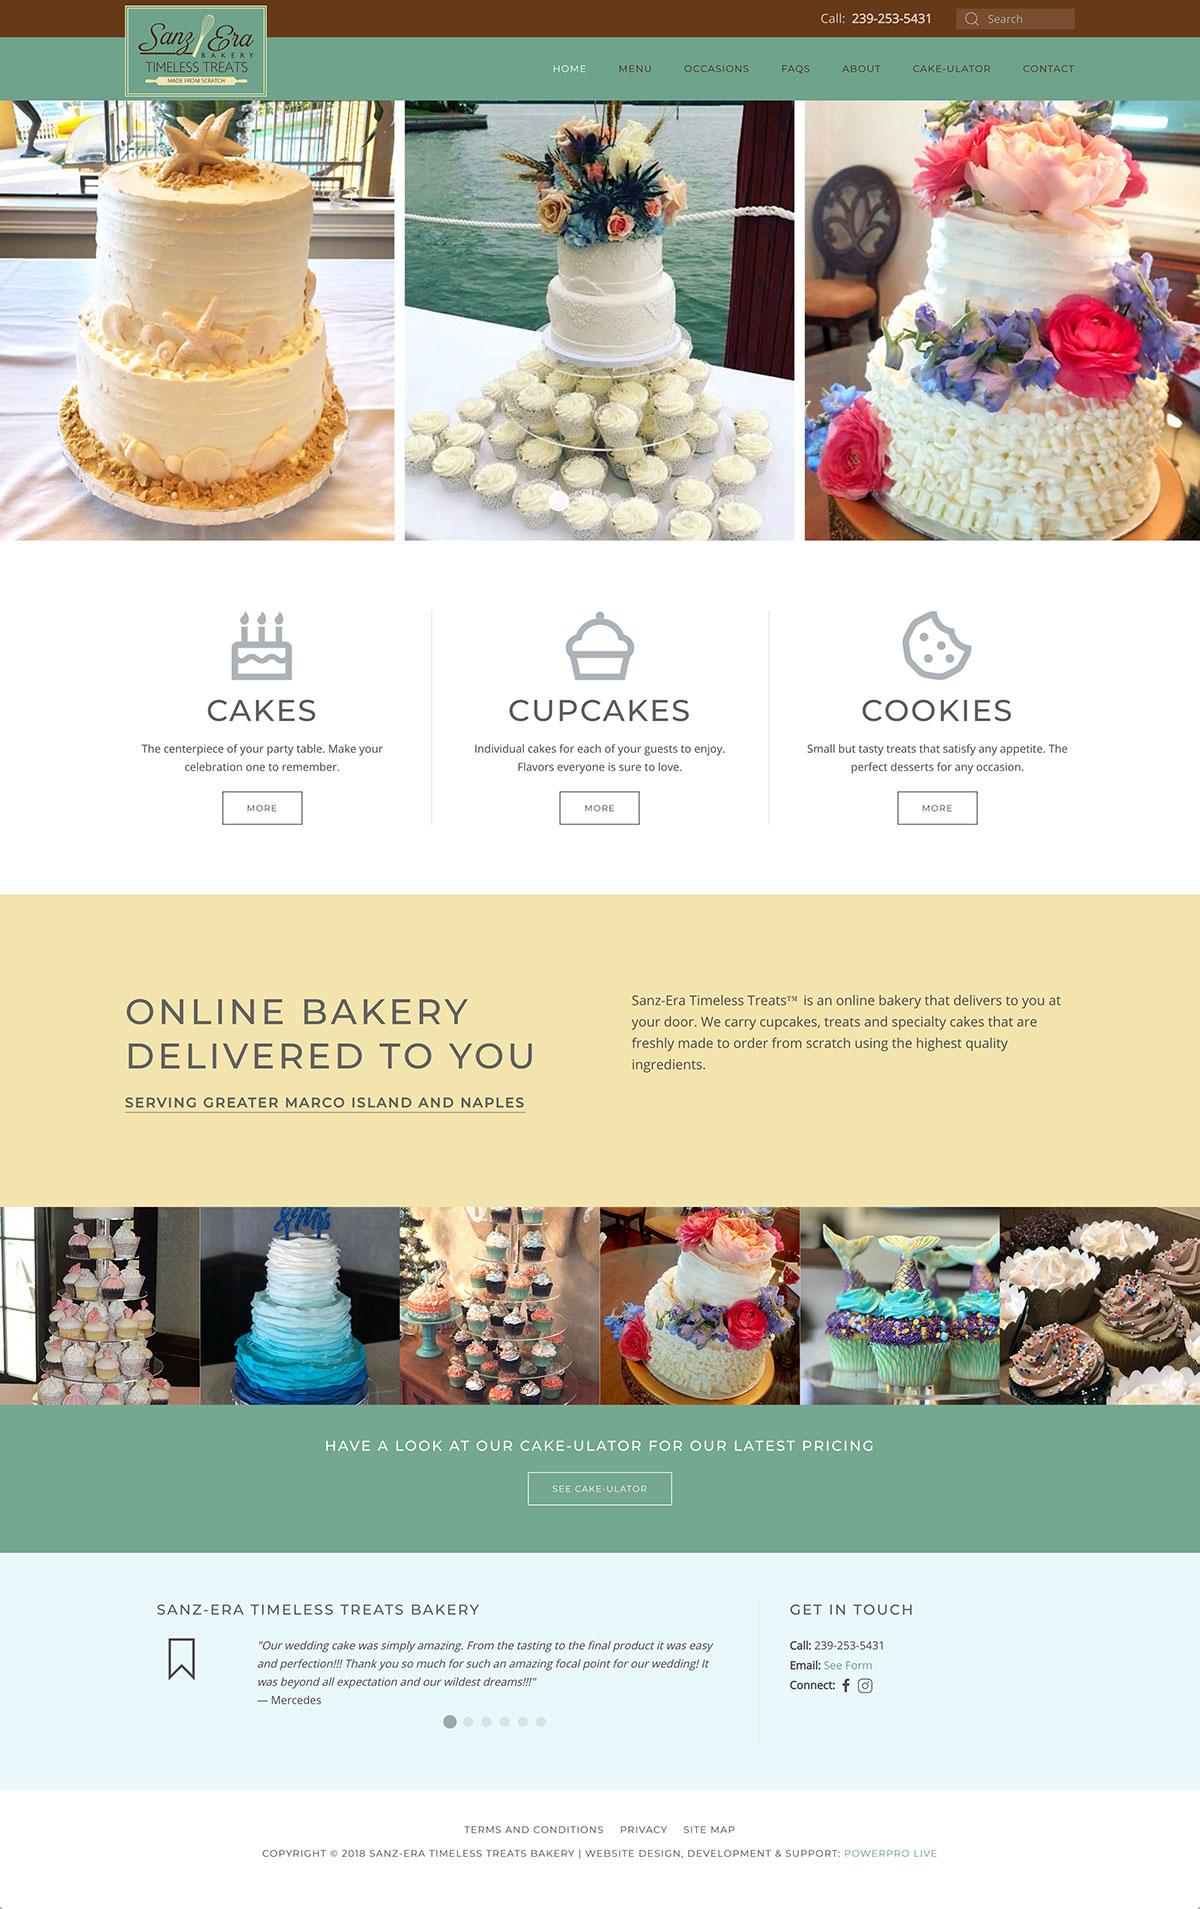 sanz-era-bakery-website